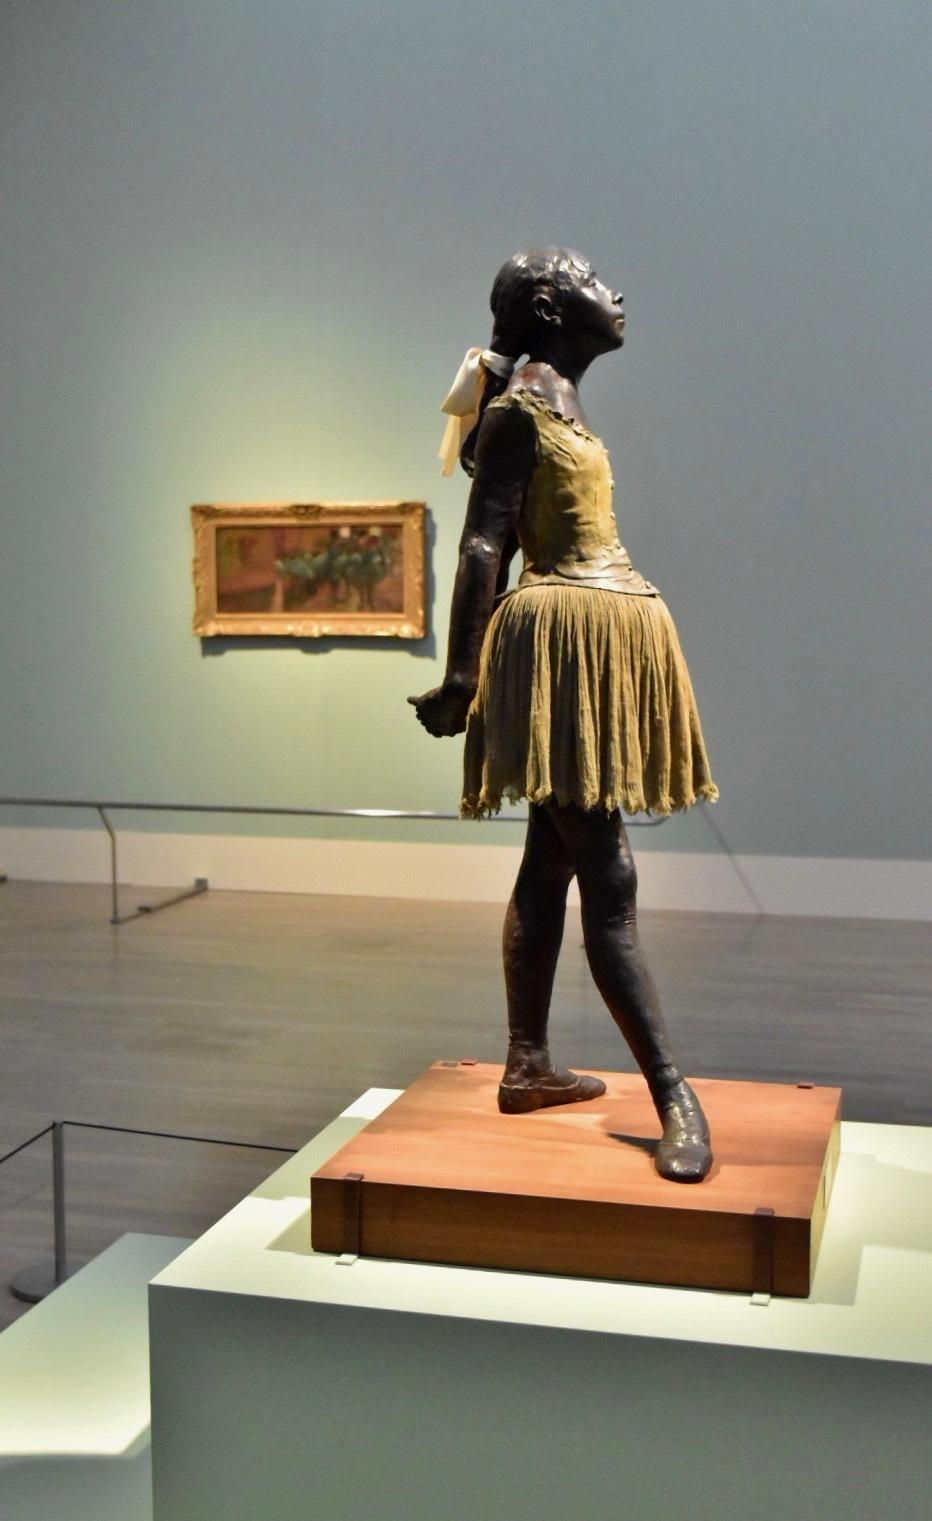 エドガー・ドガ 《14歳の小さな踊り子》1880-81年(ワックスによる原作)/1932-36年(ブロンズによる鋳造)